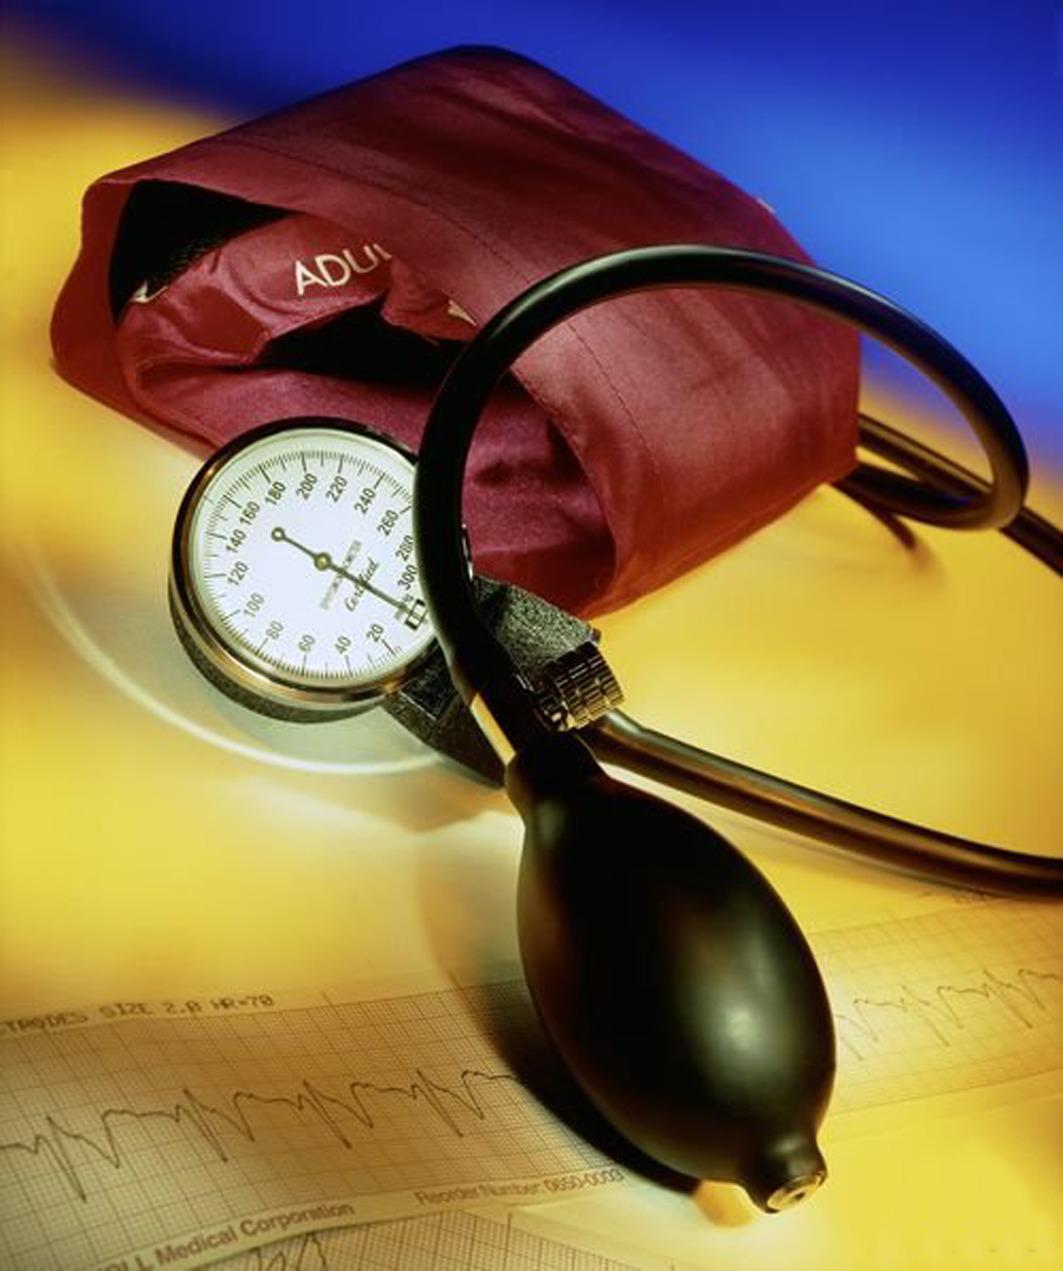 Krvni tlak gornji i donji: što znači za 80? - Ateroskleroza February